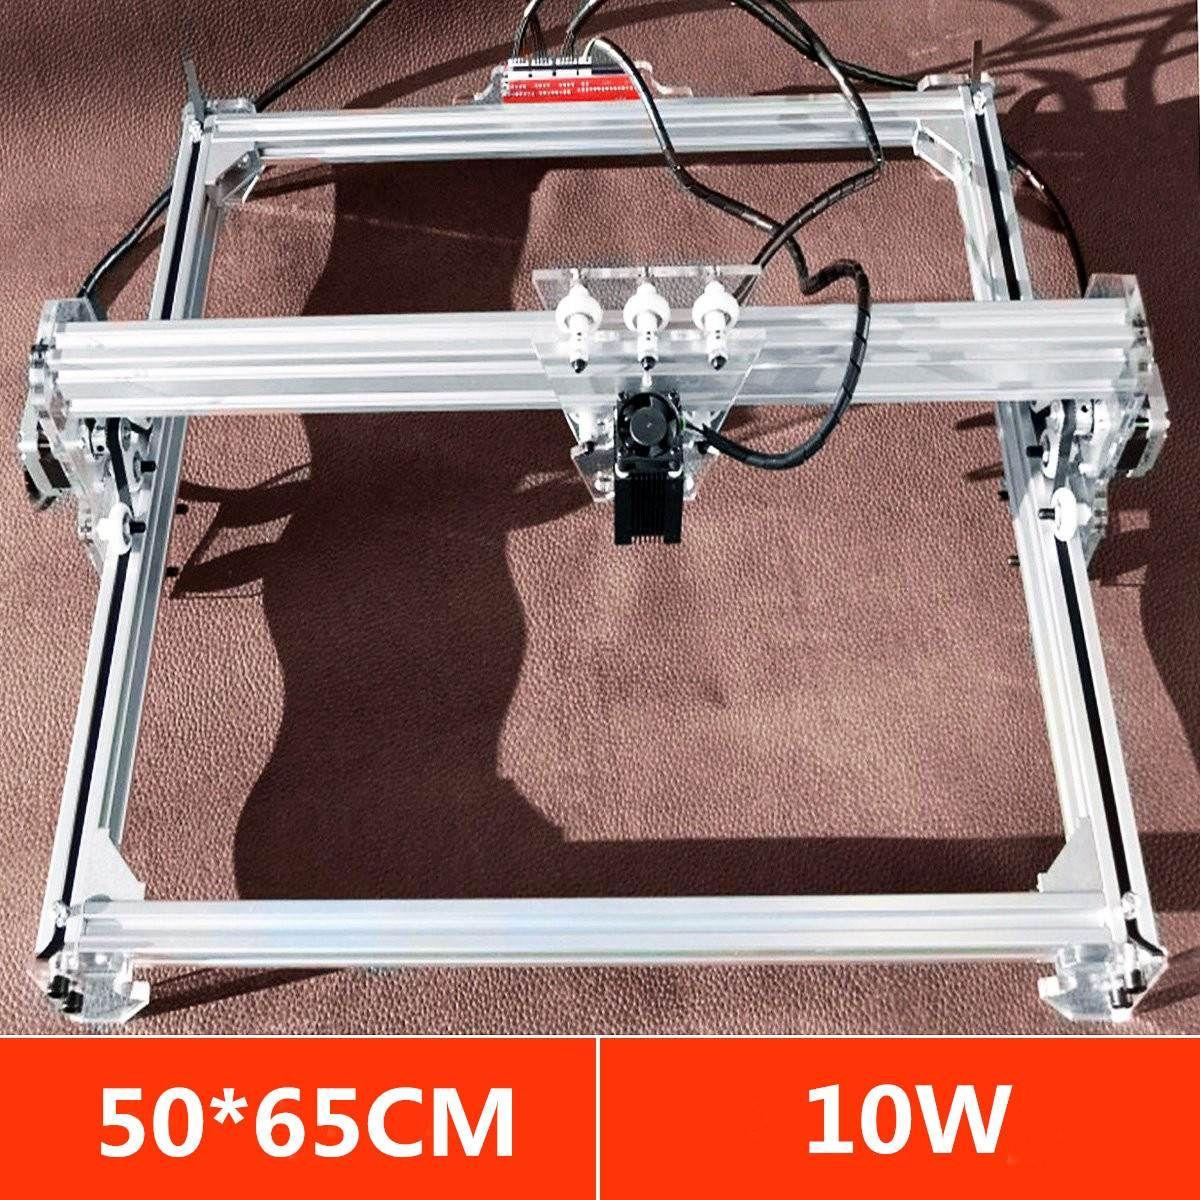 Bereich 50*65 cm Mini Laser Gravur Schneiden Maschine Drucker DC 12 v Holz Cutter + 10 watt Blau laser Kopf Power Einstellen DIY Desktop Kit